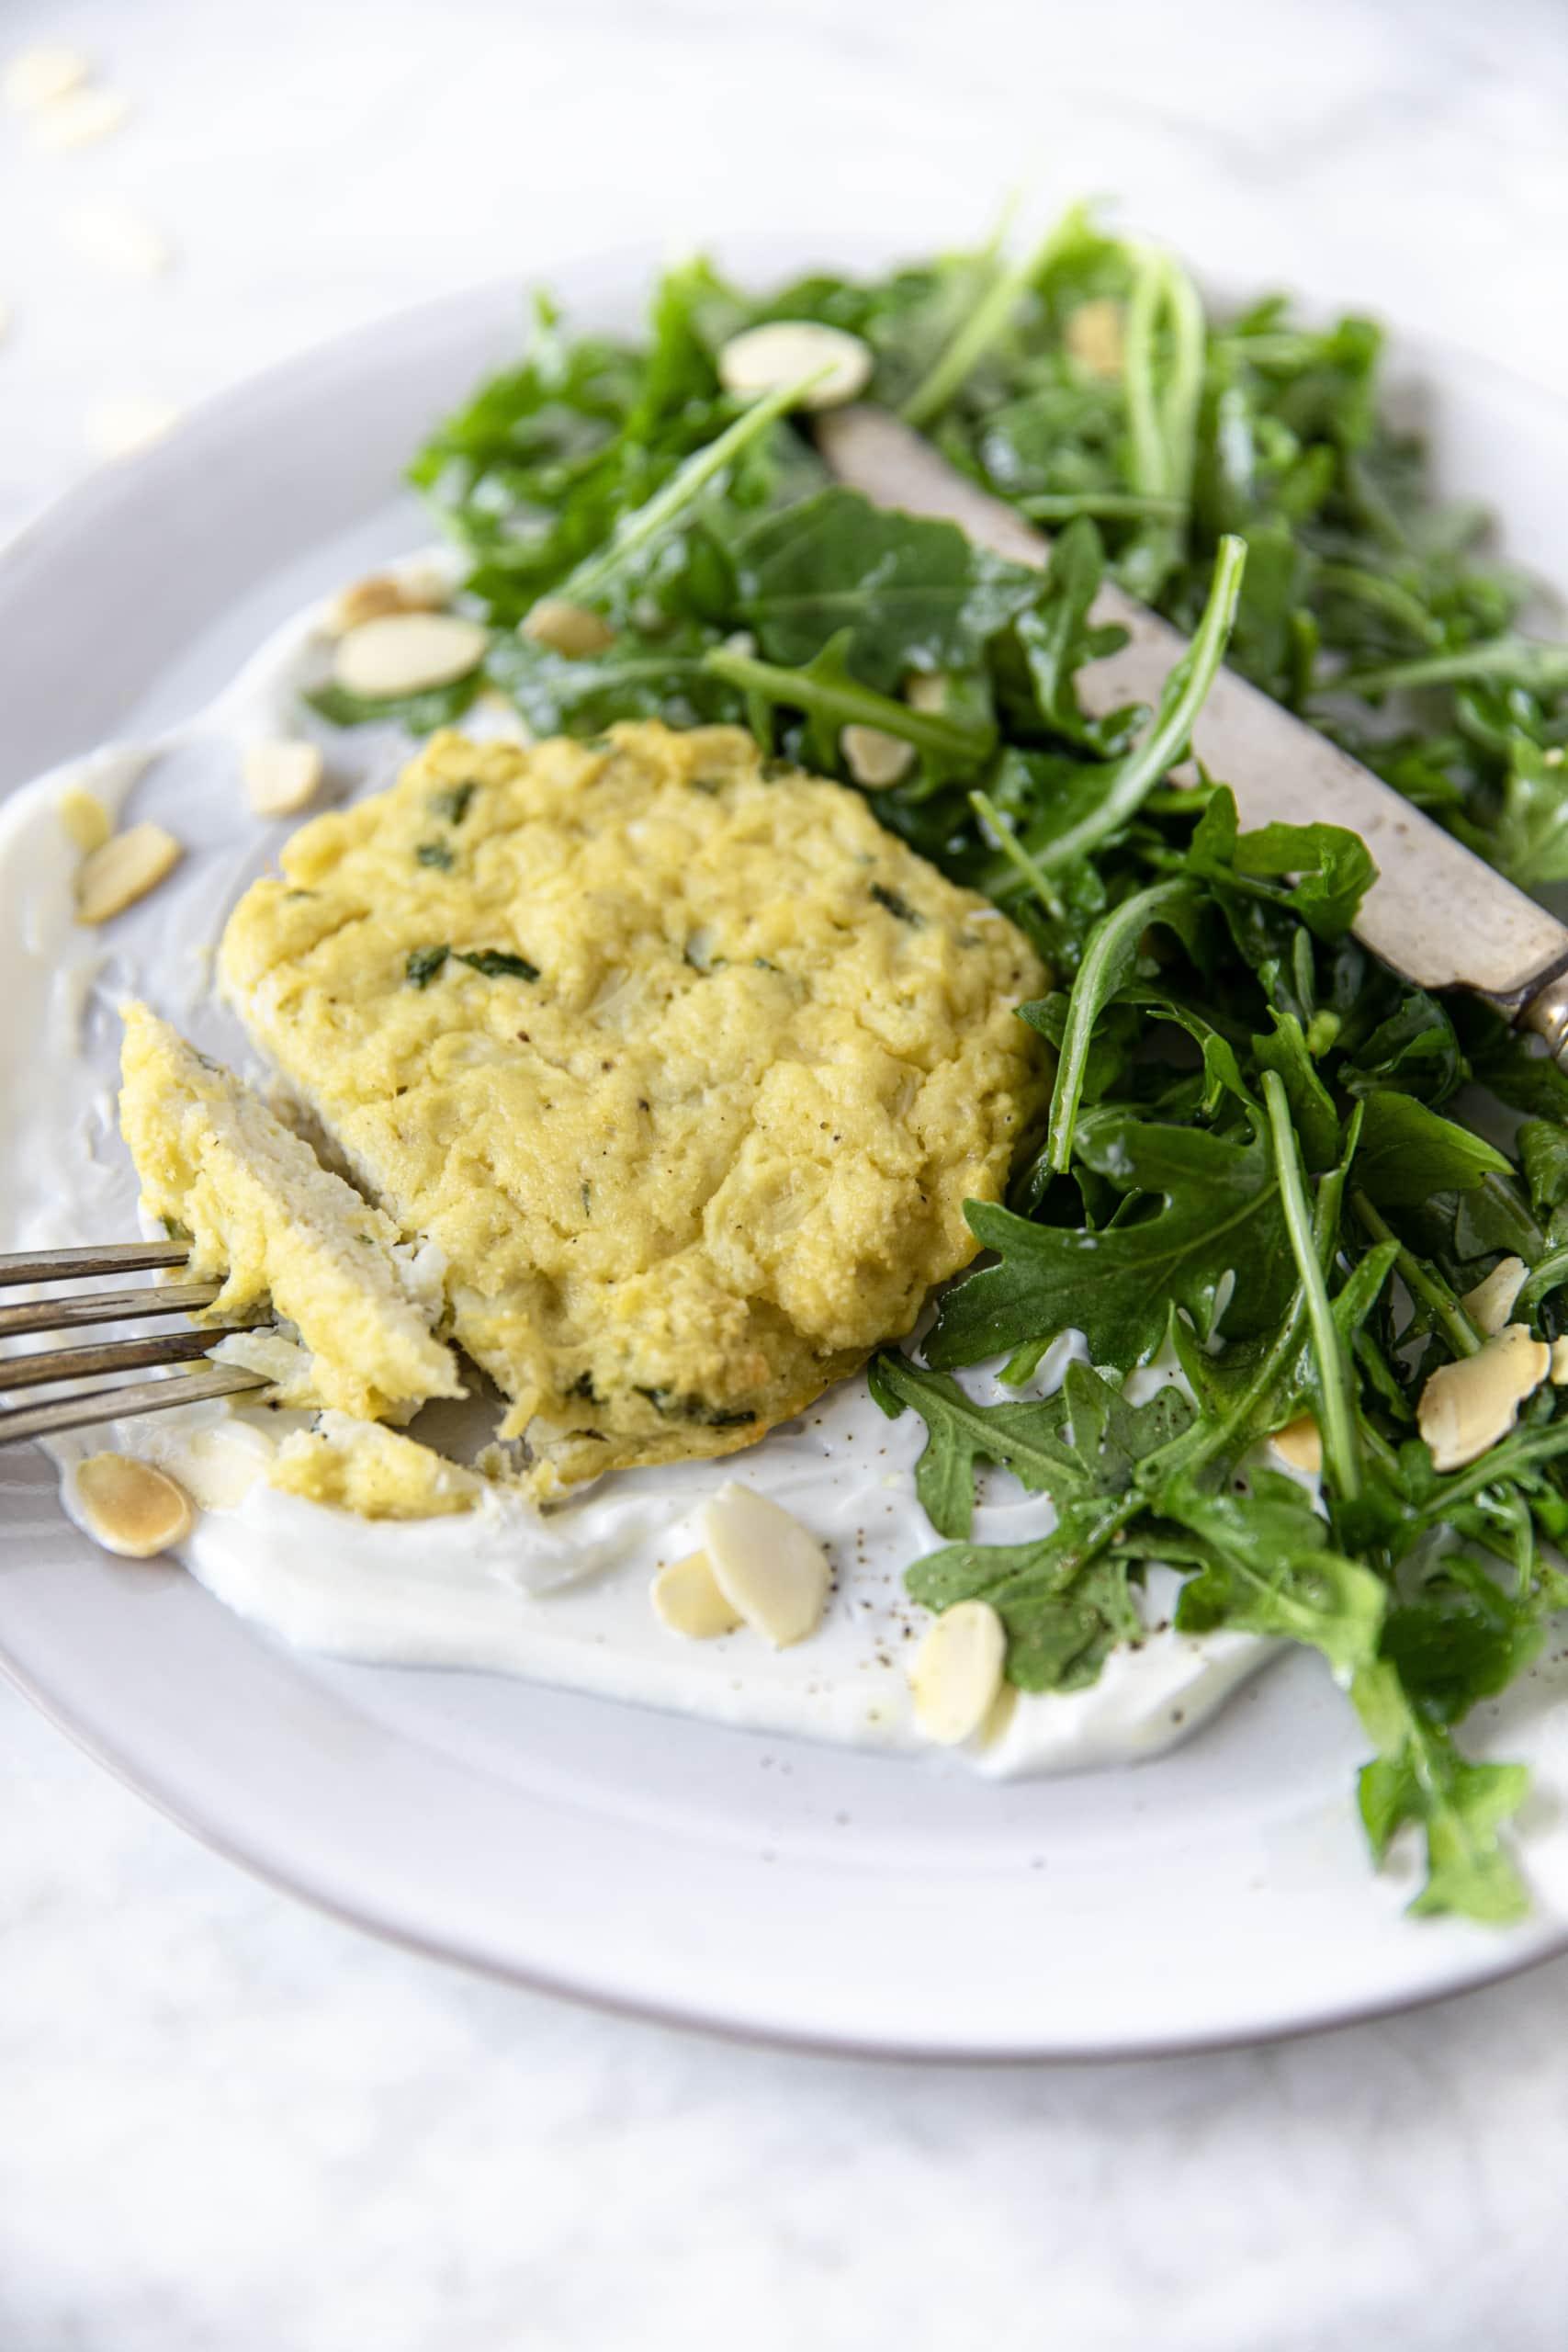 GF & Paleo Cauliflower Patties from verygoodcook.com